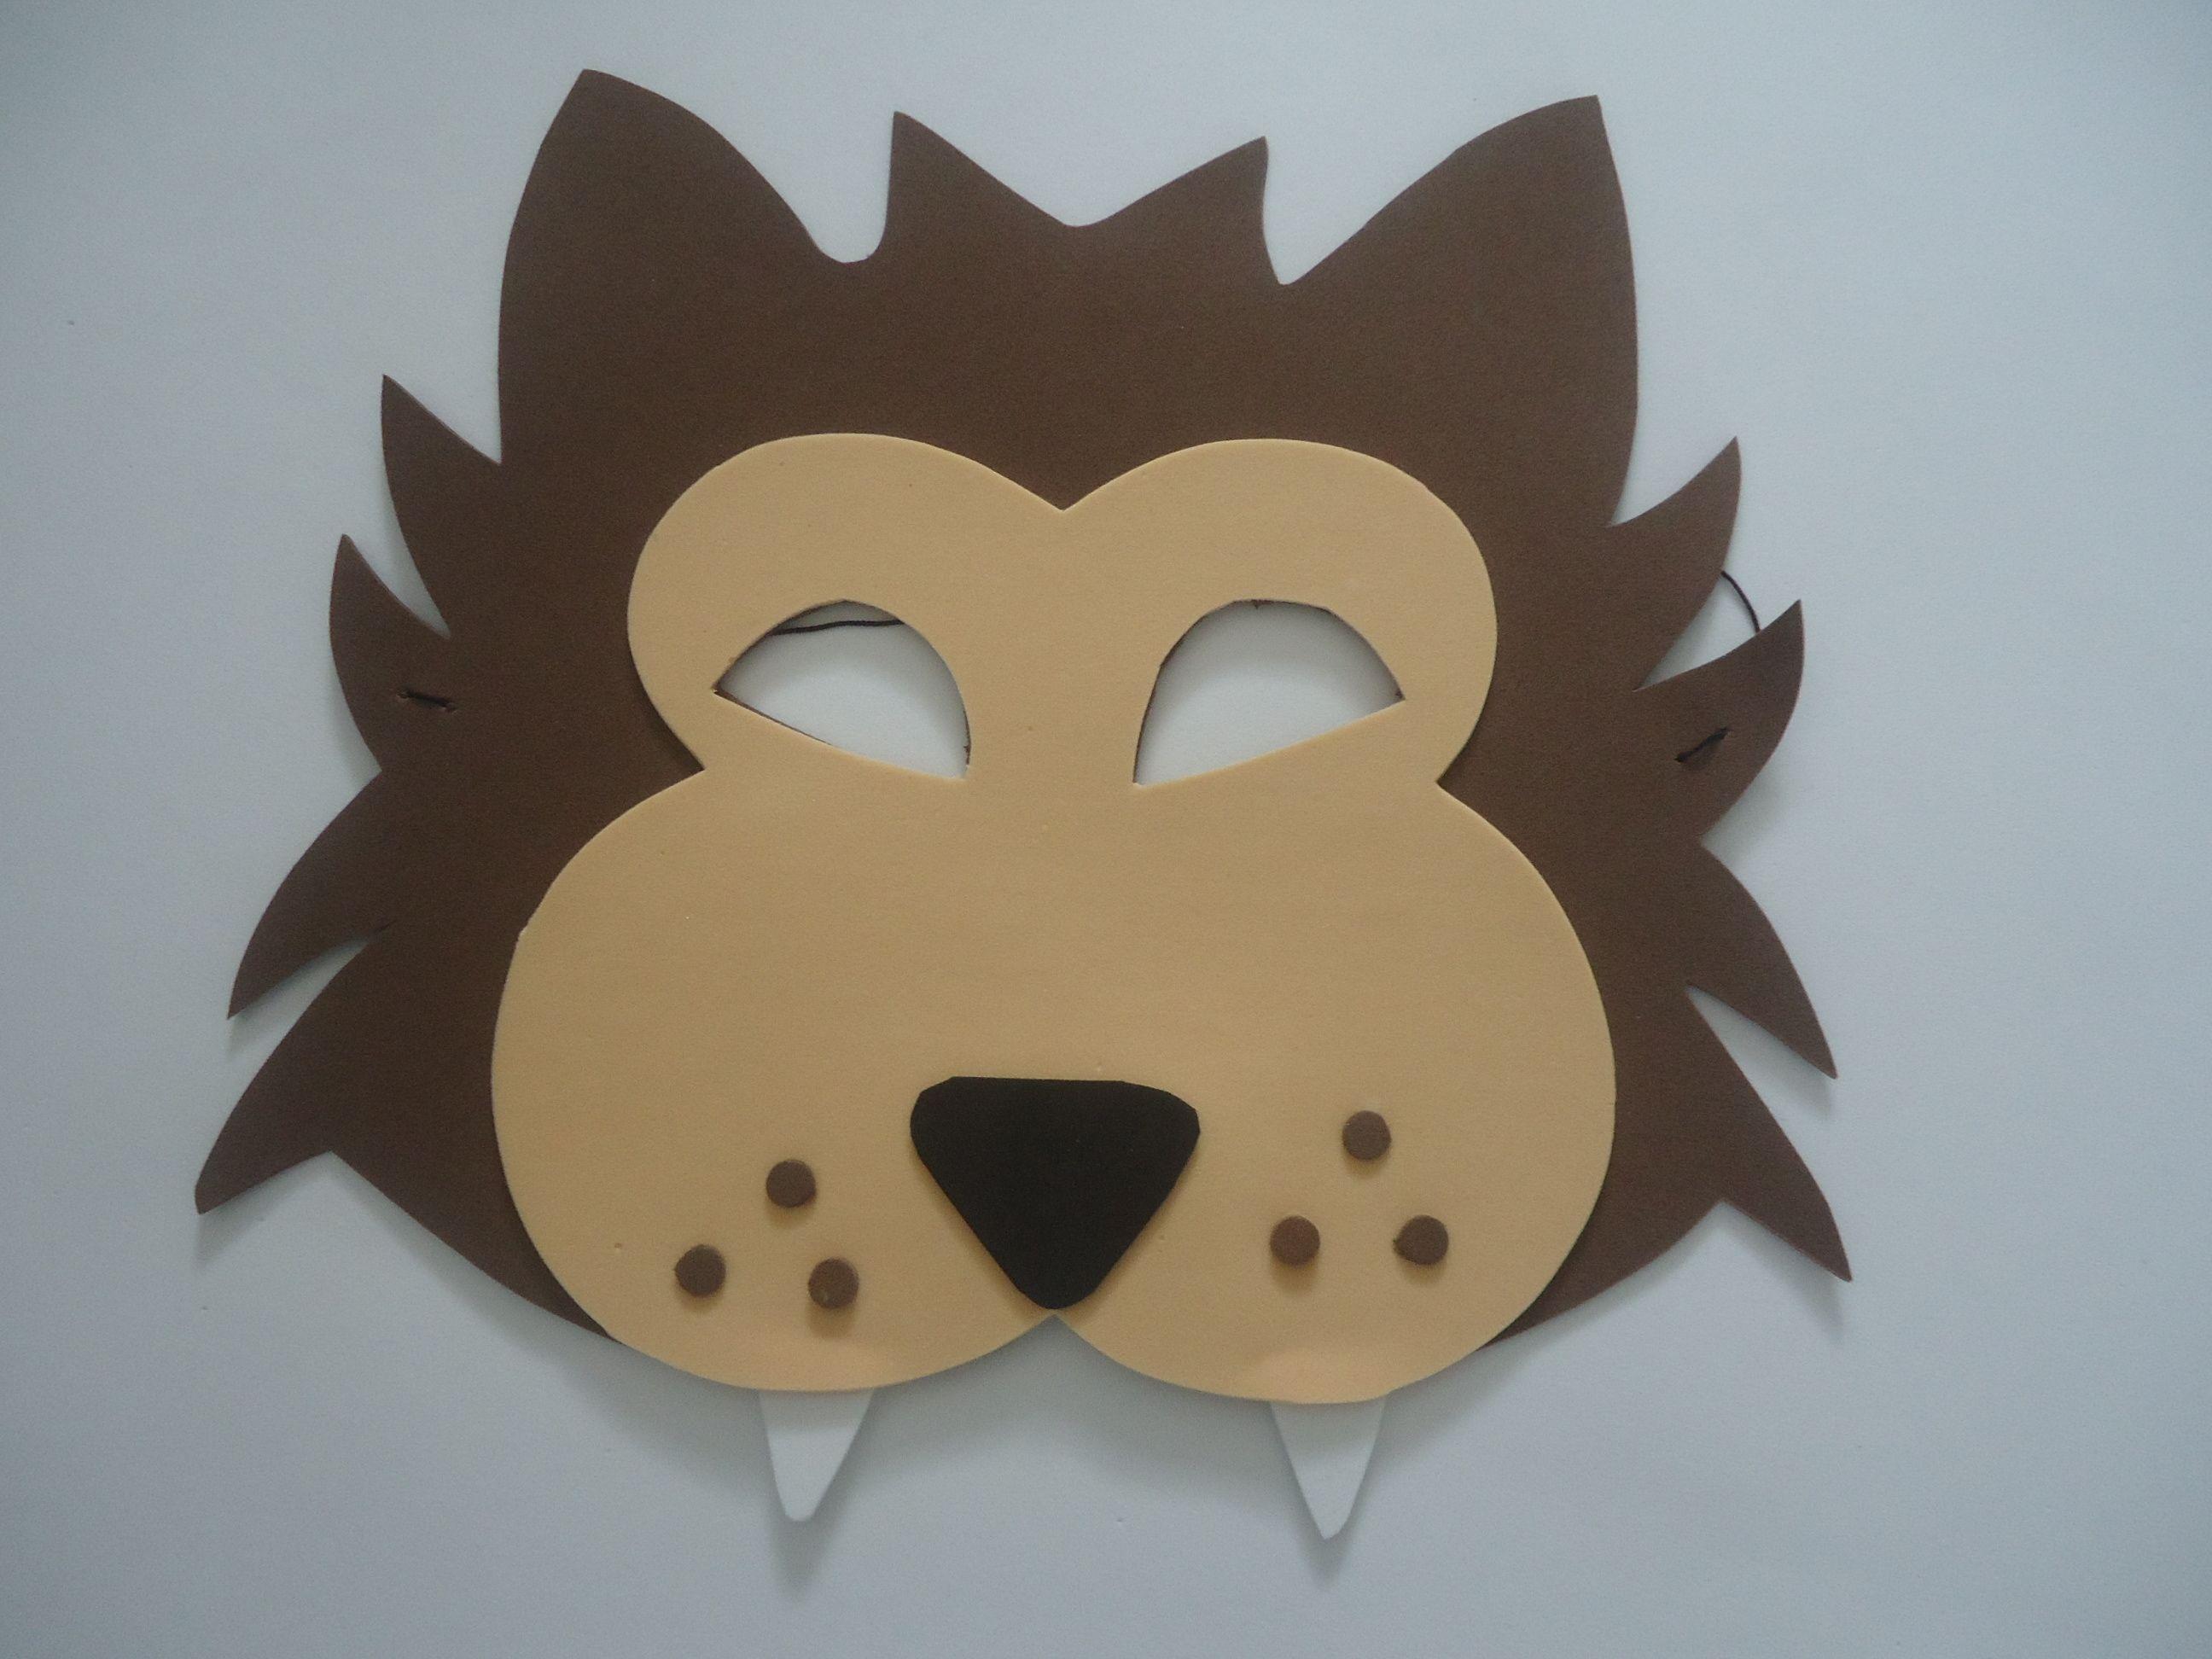 3a0aaa1e2ea mascara 3 porquinhos - Pesquisa Google